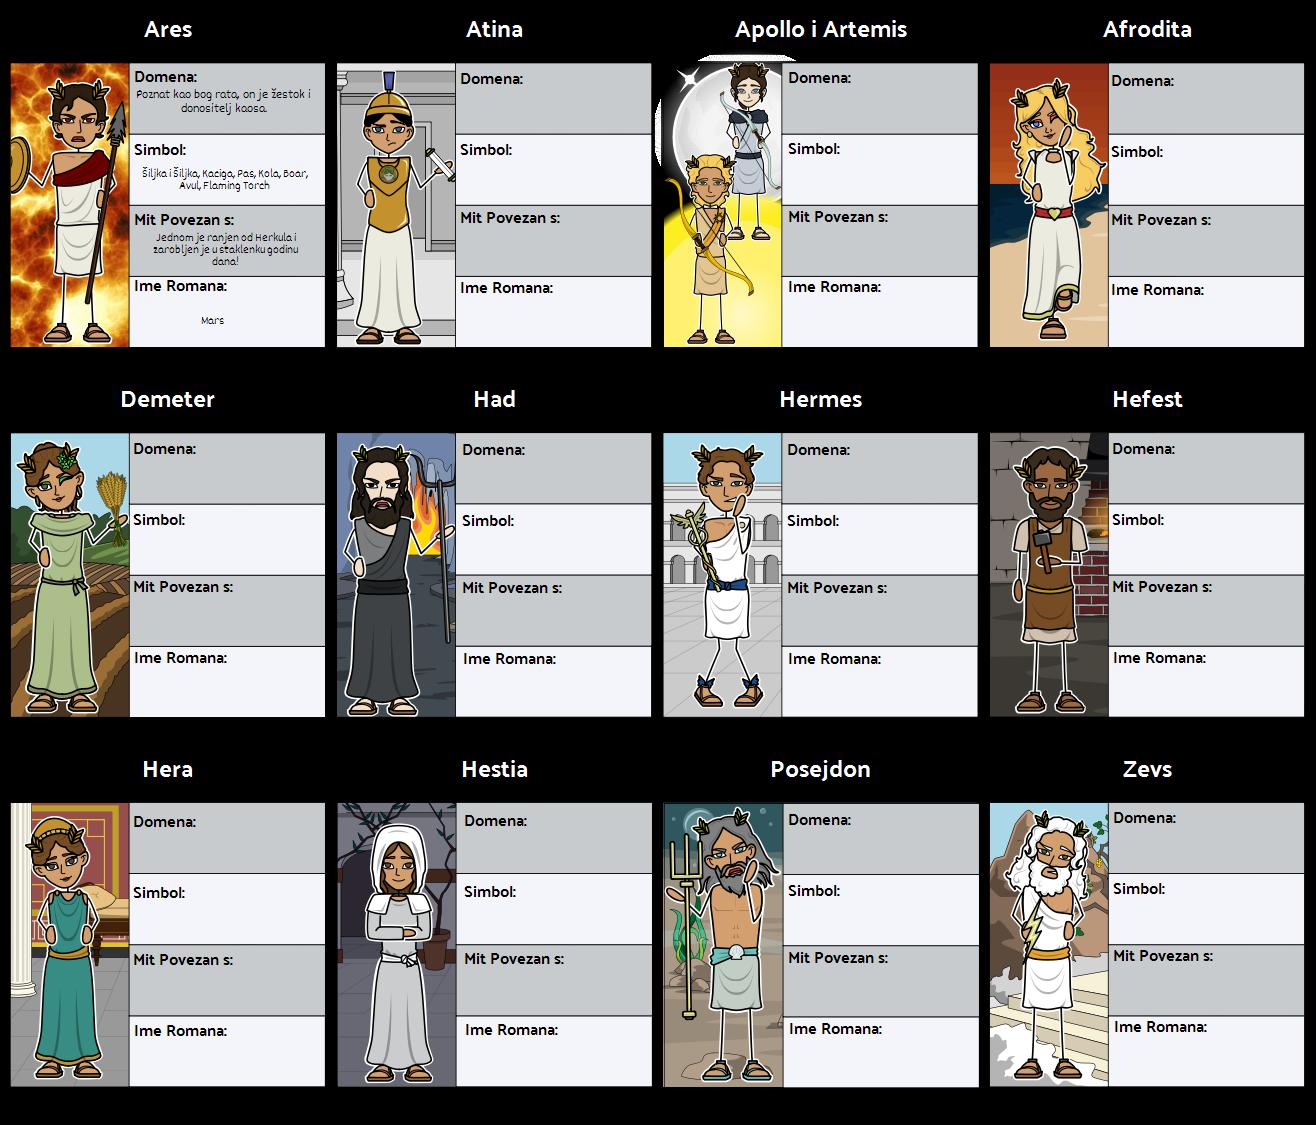 Grčka Mitologija - Karakterna Karta